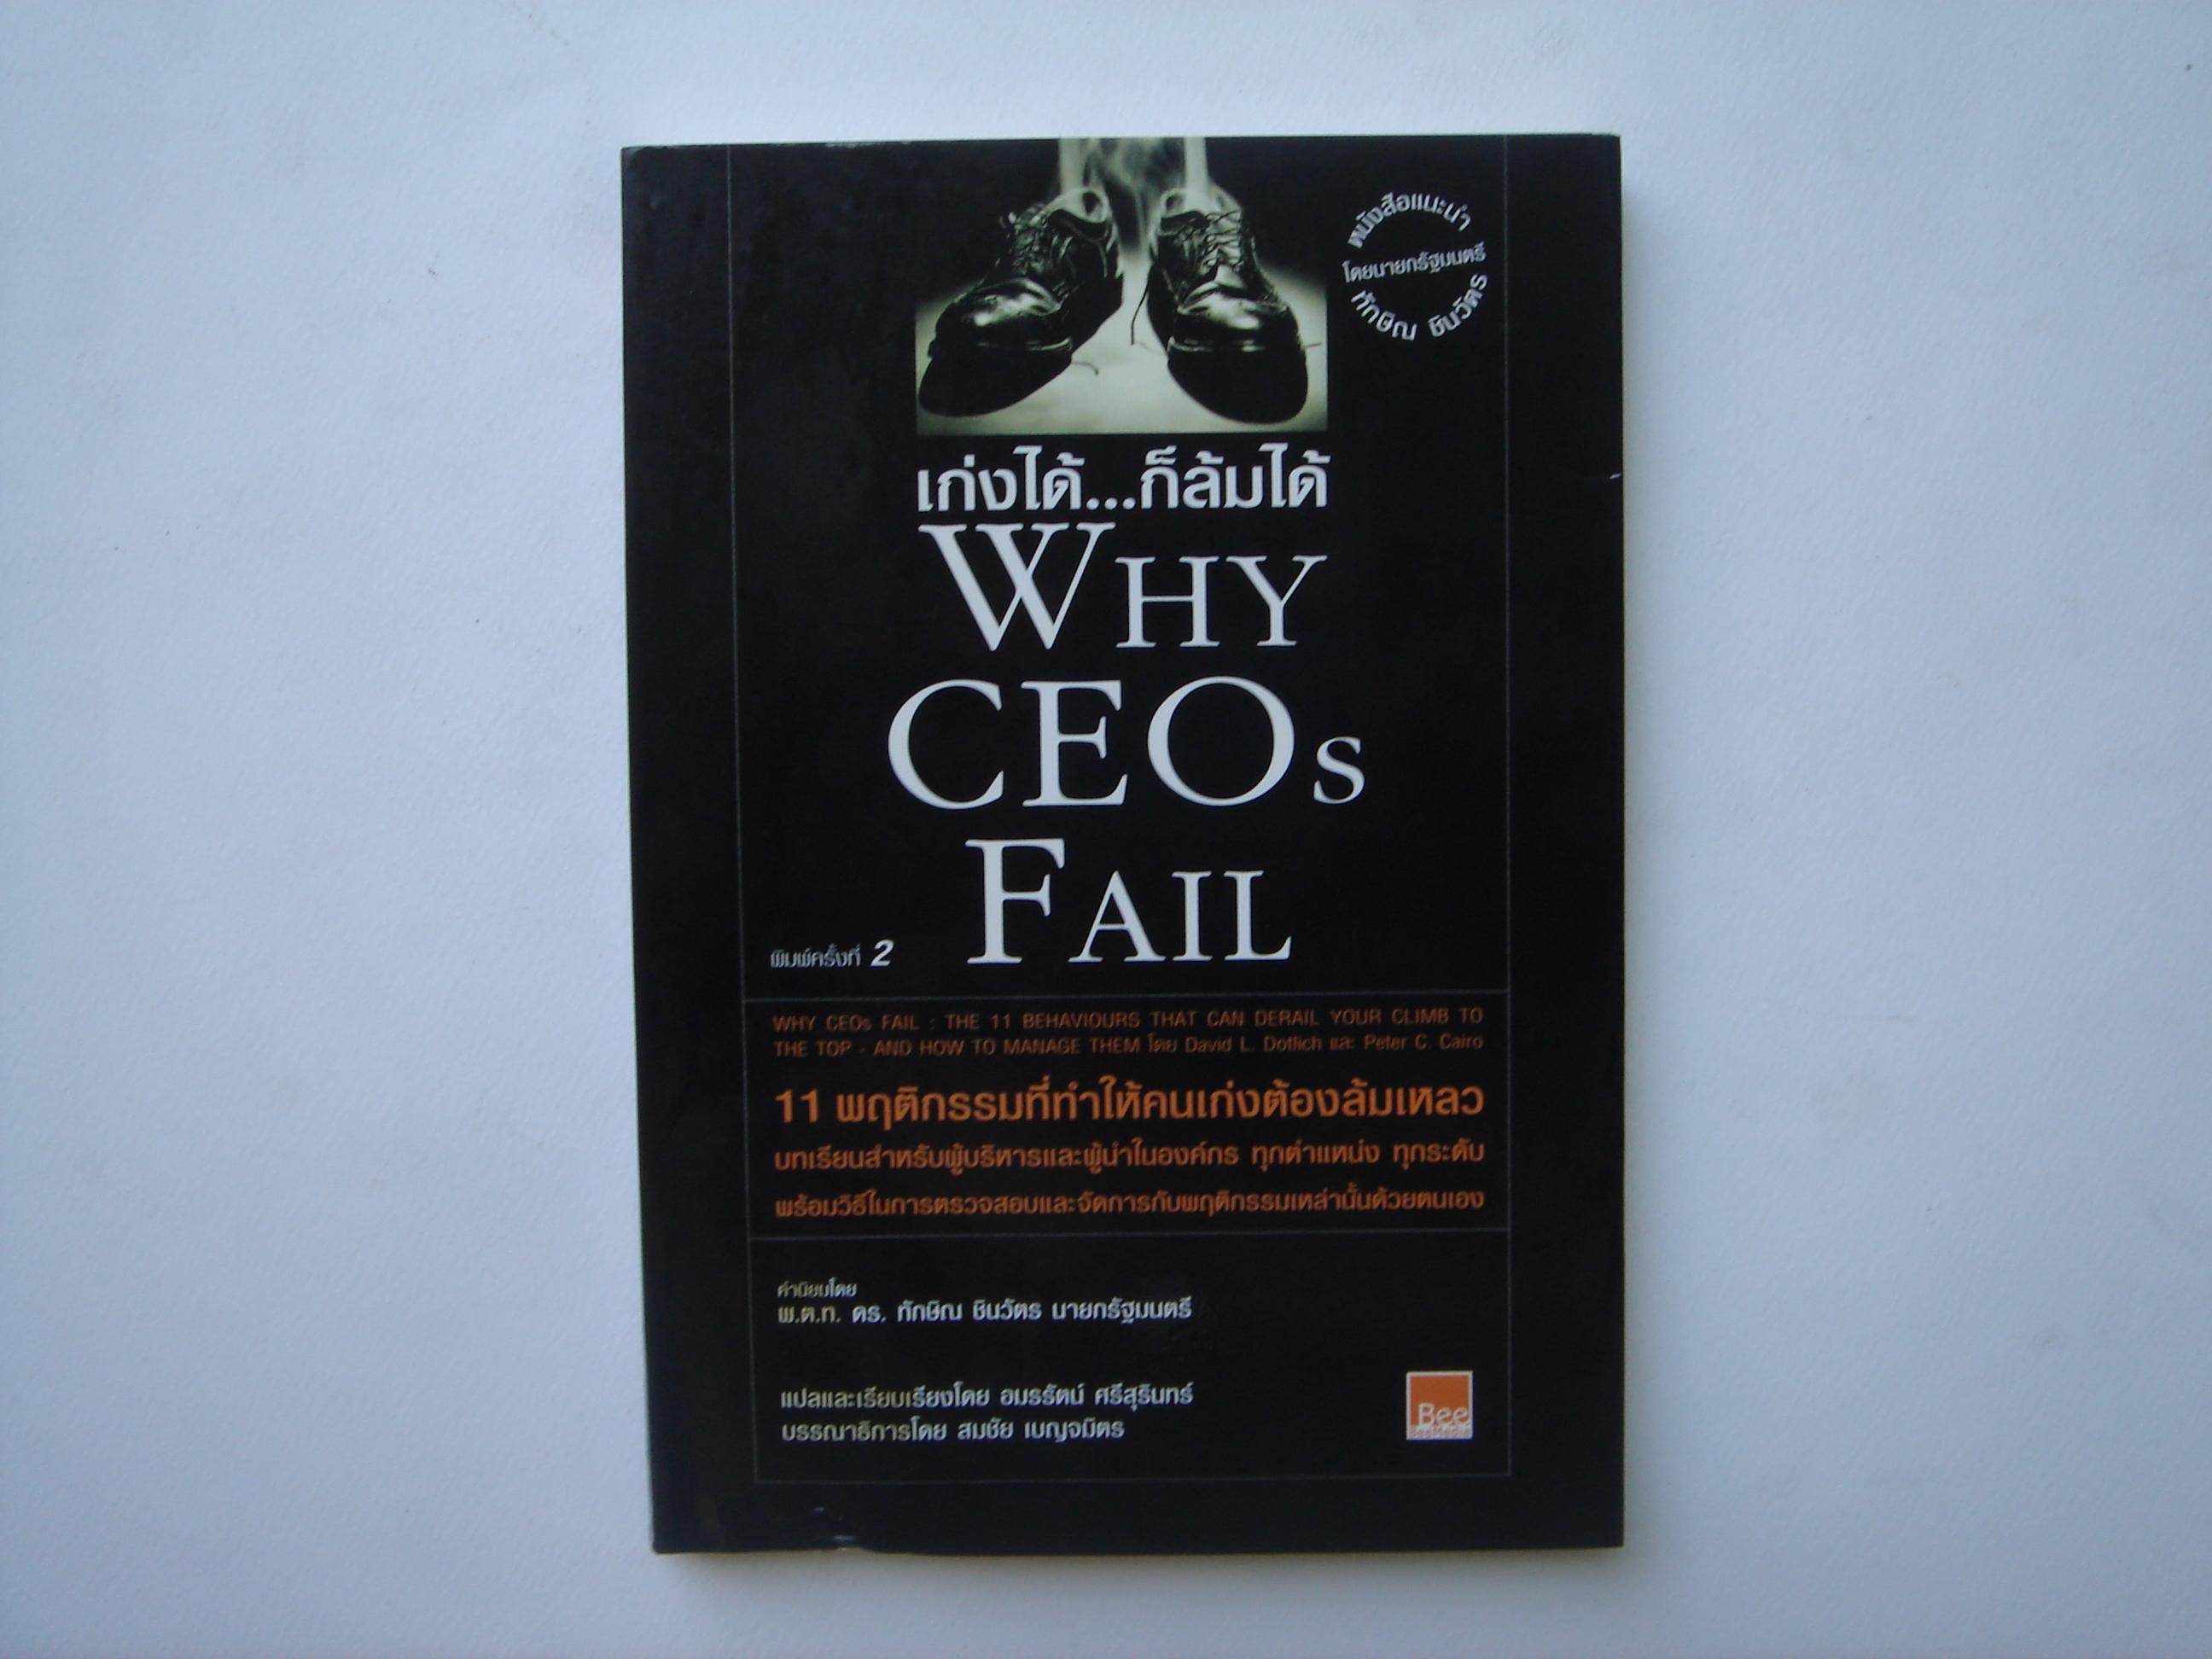 เก่งได้...ก็ล้มได้ WHY CEOs FAIL พิมพ์ครั้งที่ 2 (หนังสือแนะนำโดยนายกรัฐมนตรี พตท.ดร.ทักษิณ ชินวัตร) *** (สินค้าหมดแล้ว)